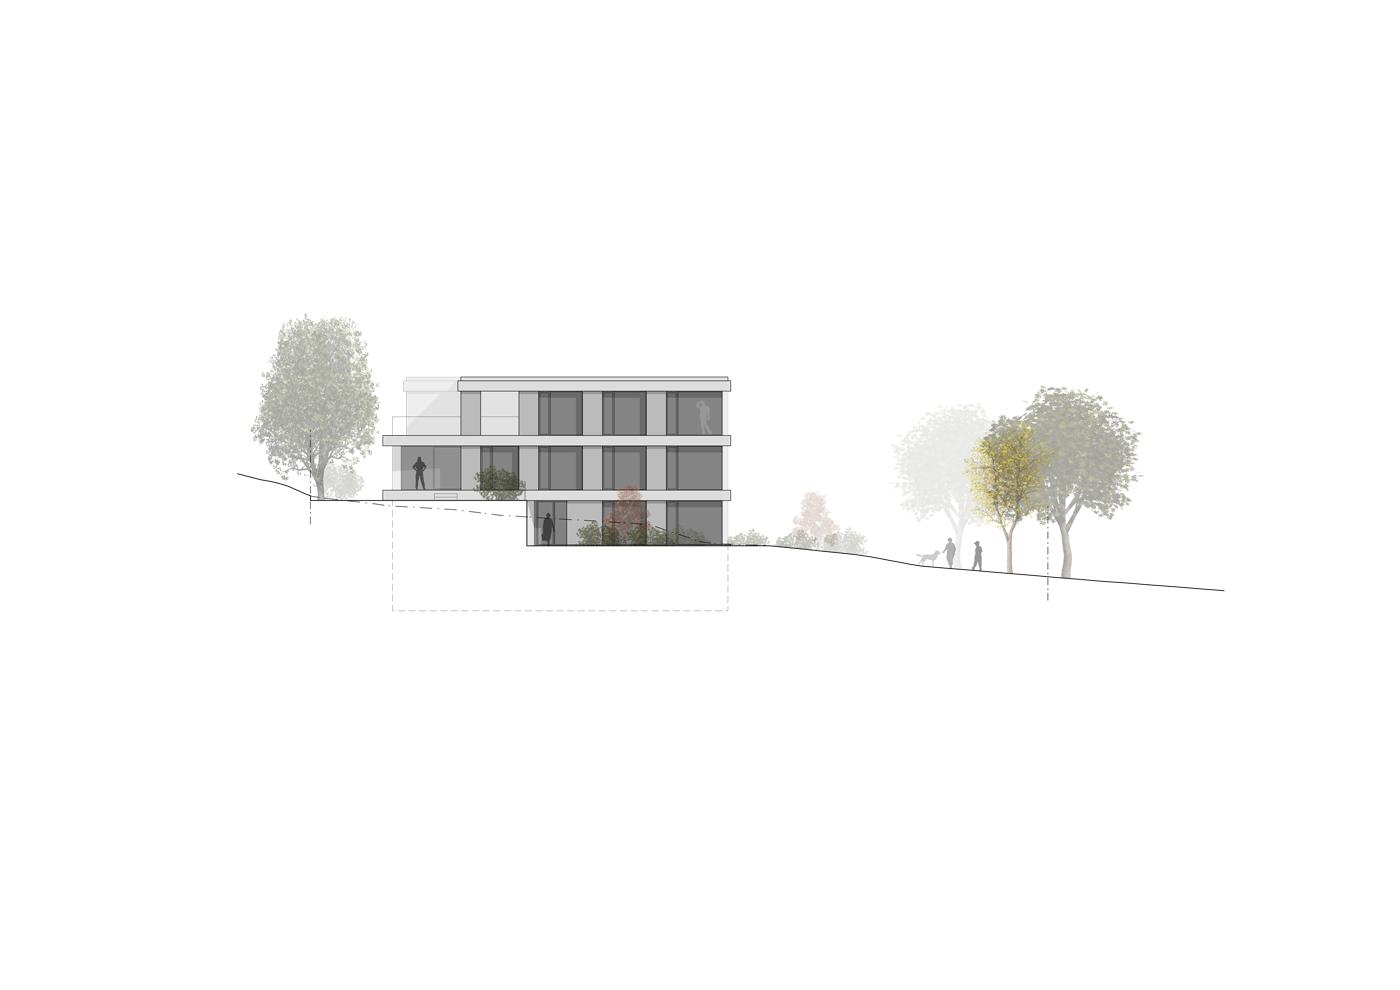 buan architekten – Wohnhaus Nelkenstrasse Emmen – Ansicht Südwest